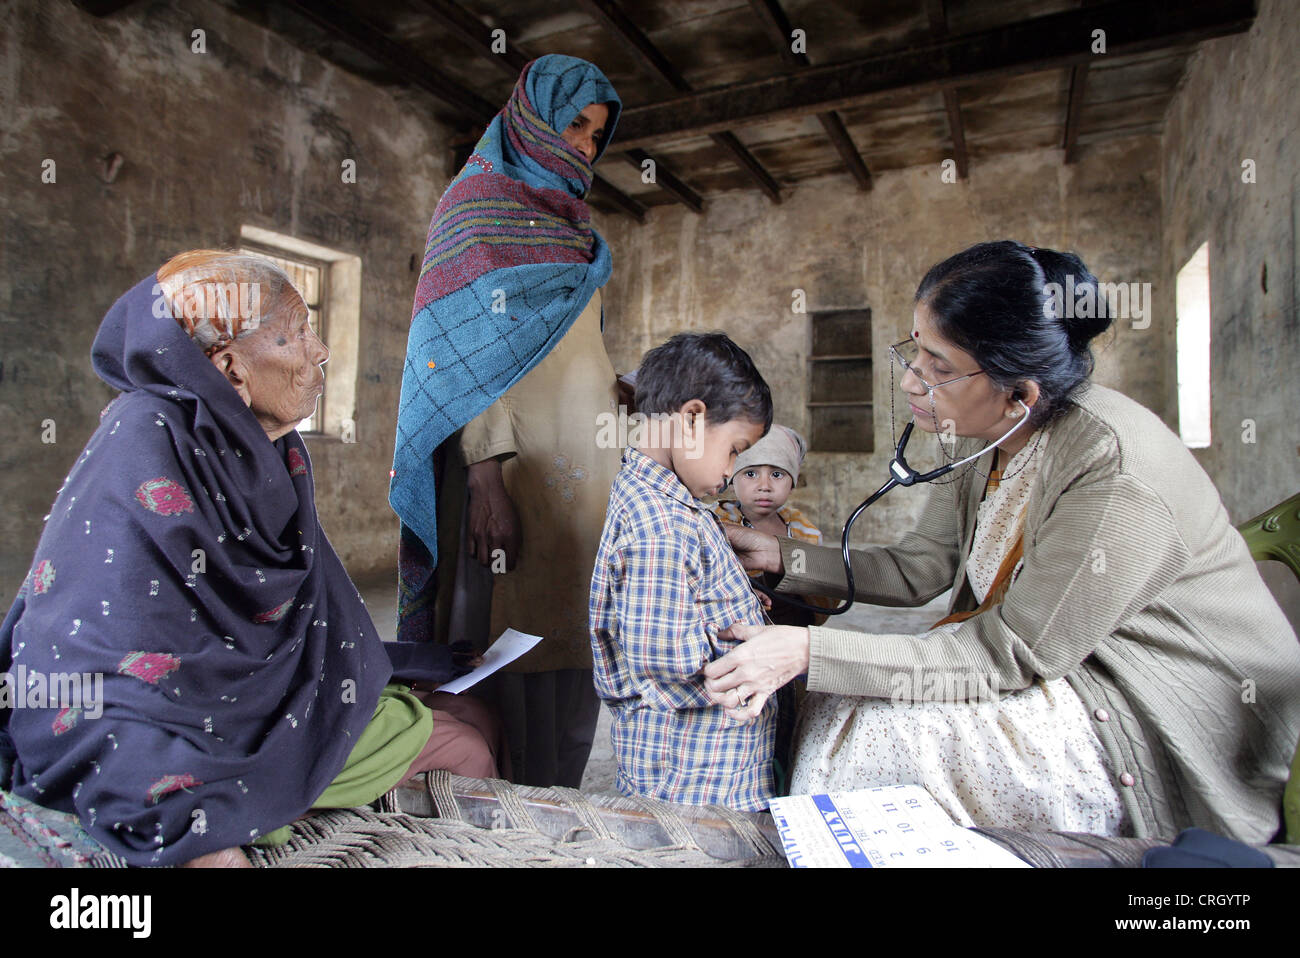 (Rechts) freiwilliger Arzt untersucht Kranke Bewohner eines Dorfes in Indien ohne jede Gebühr/Abgabe Stockbild